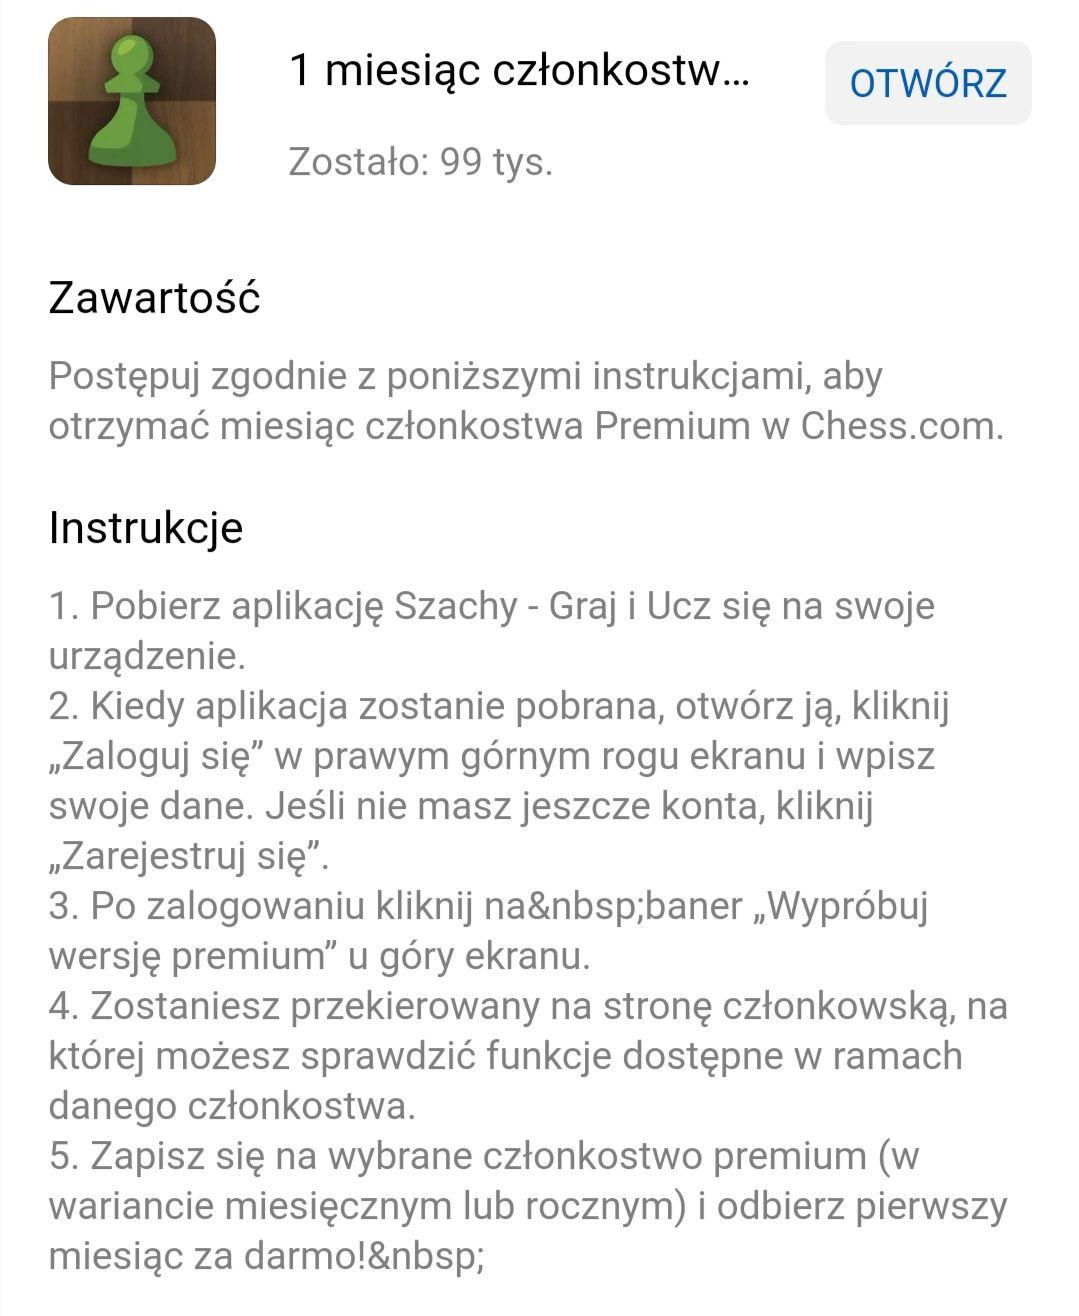 Szachy - chess.com - Darmowe konto premium przez miesiąc